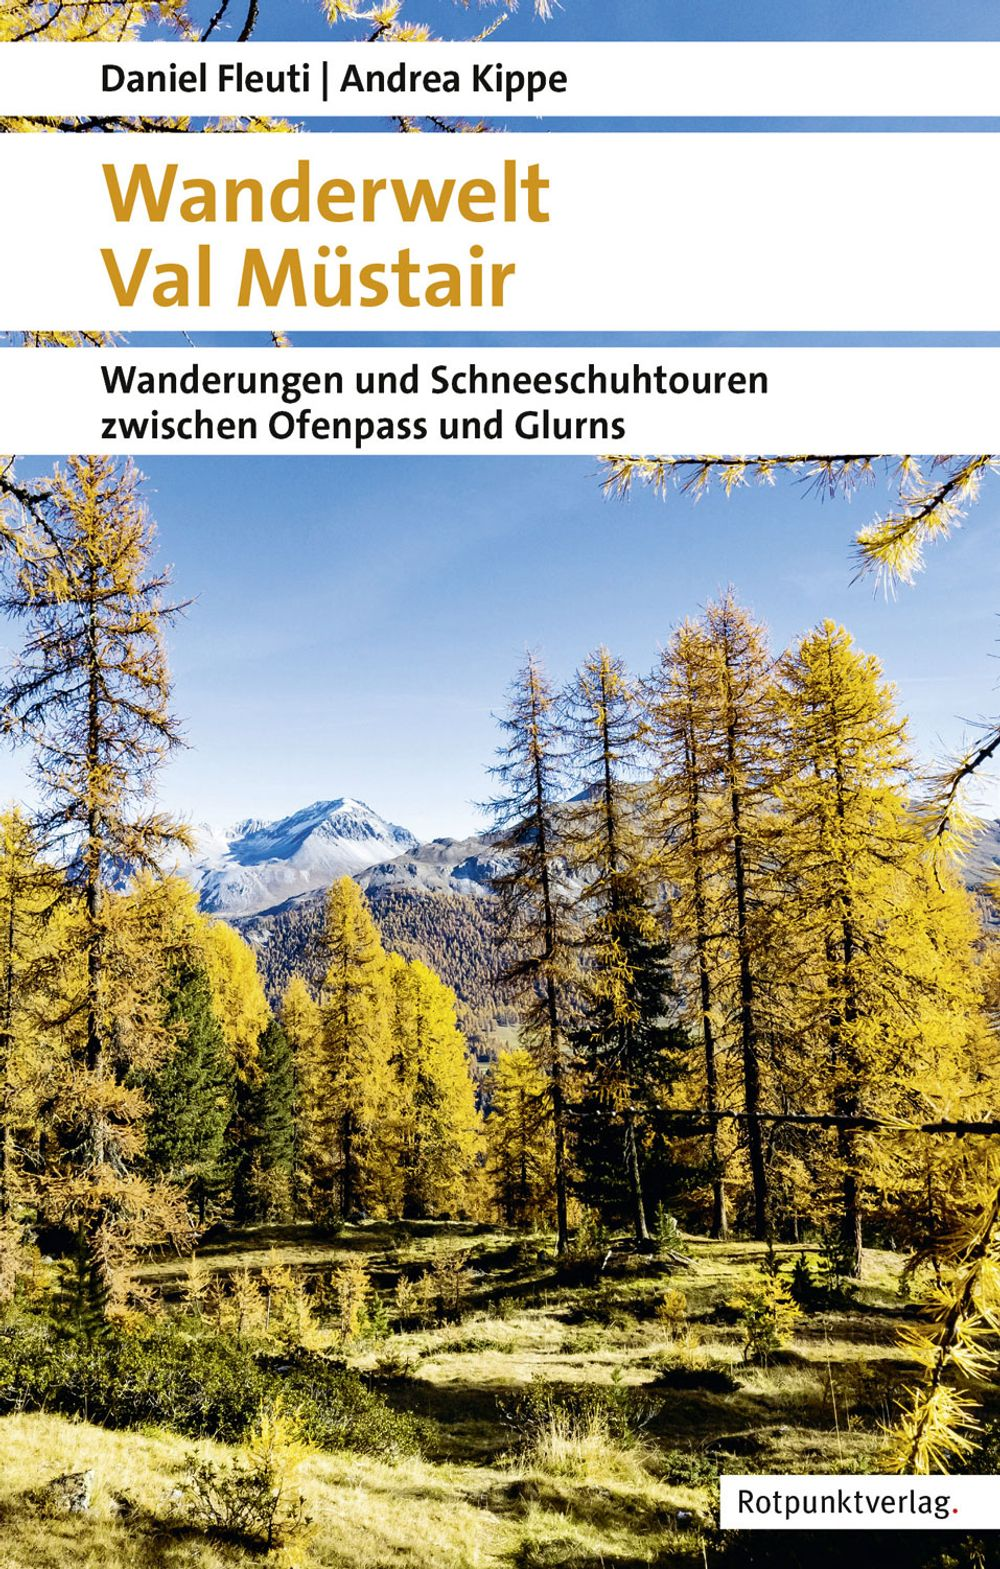 «Wanderwelt Val Müstair. Wanderungen und Schneeschuhtouren zwischen Ofenpass und Glurns»